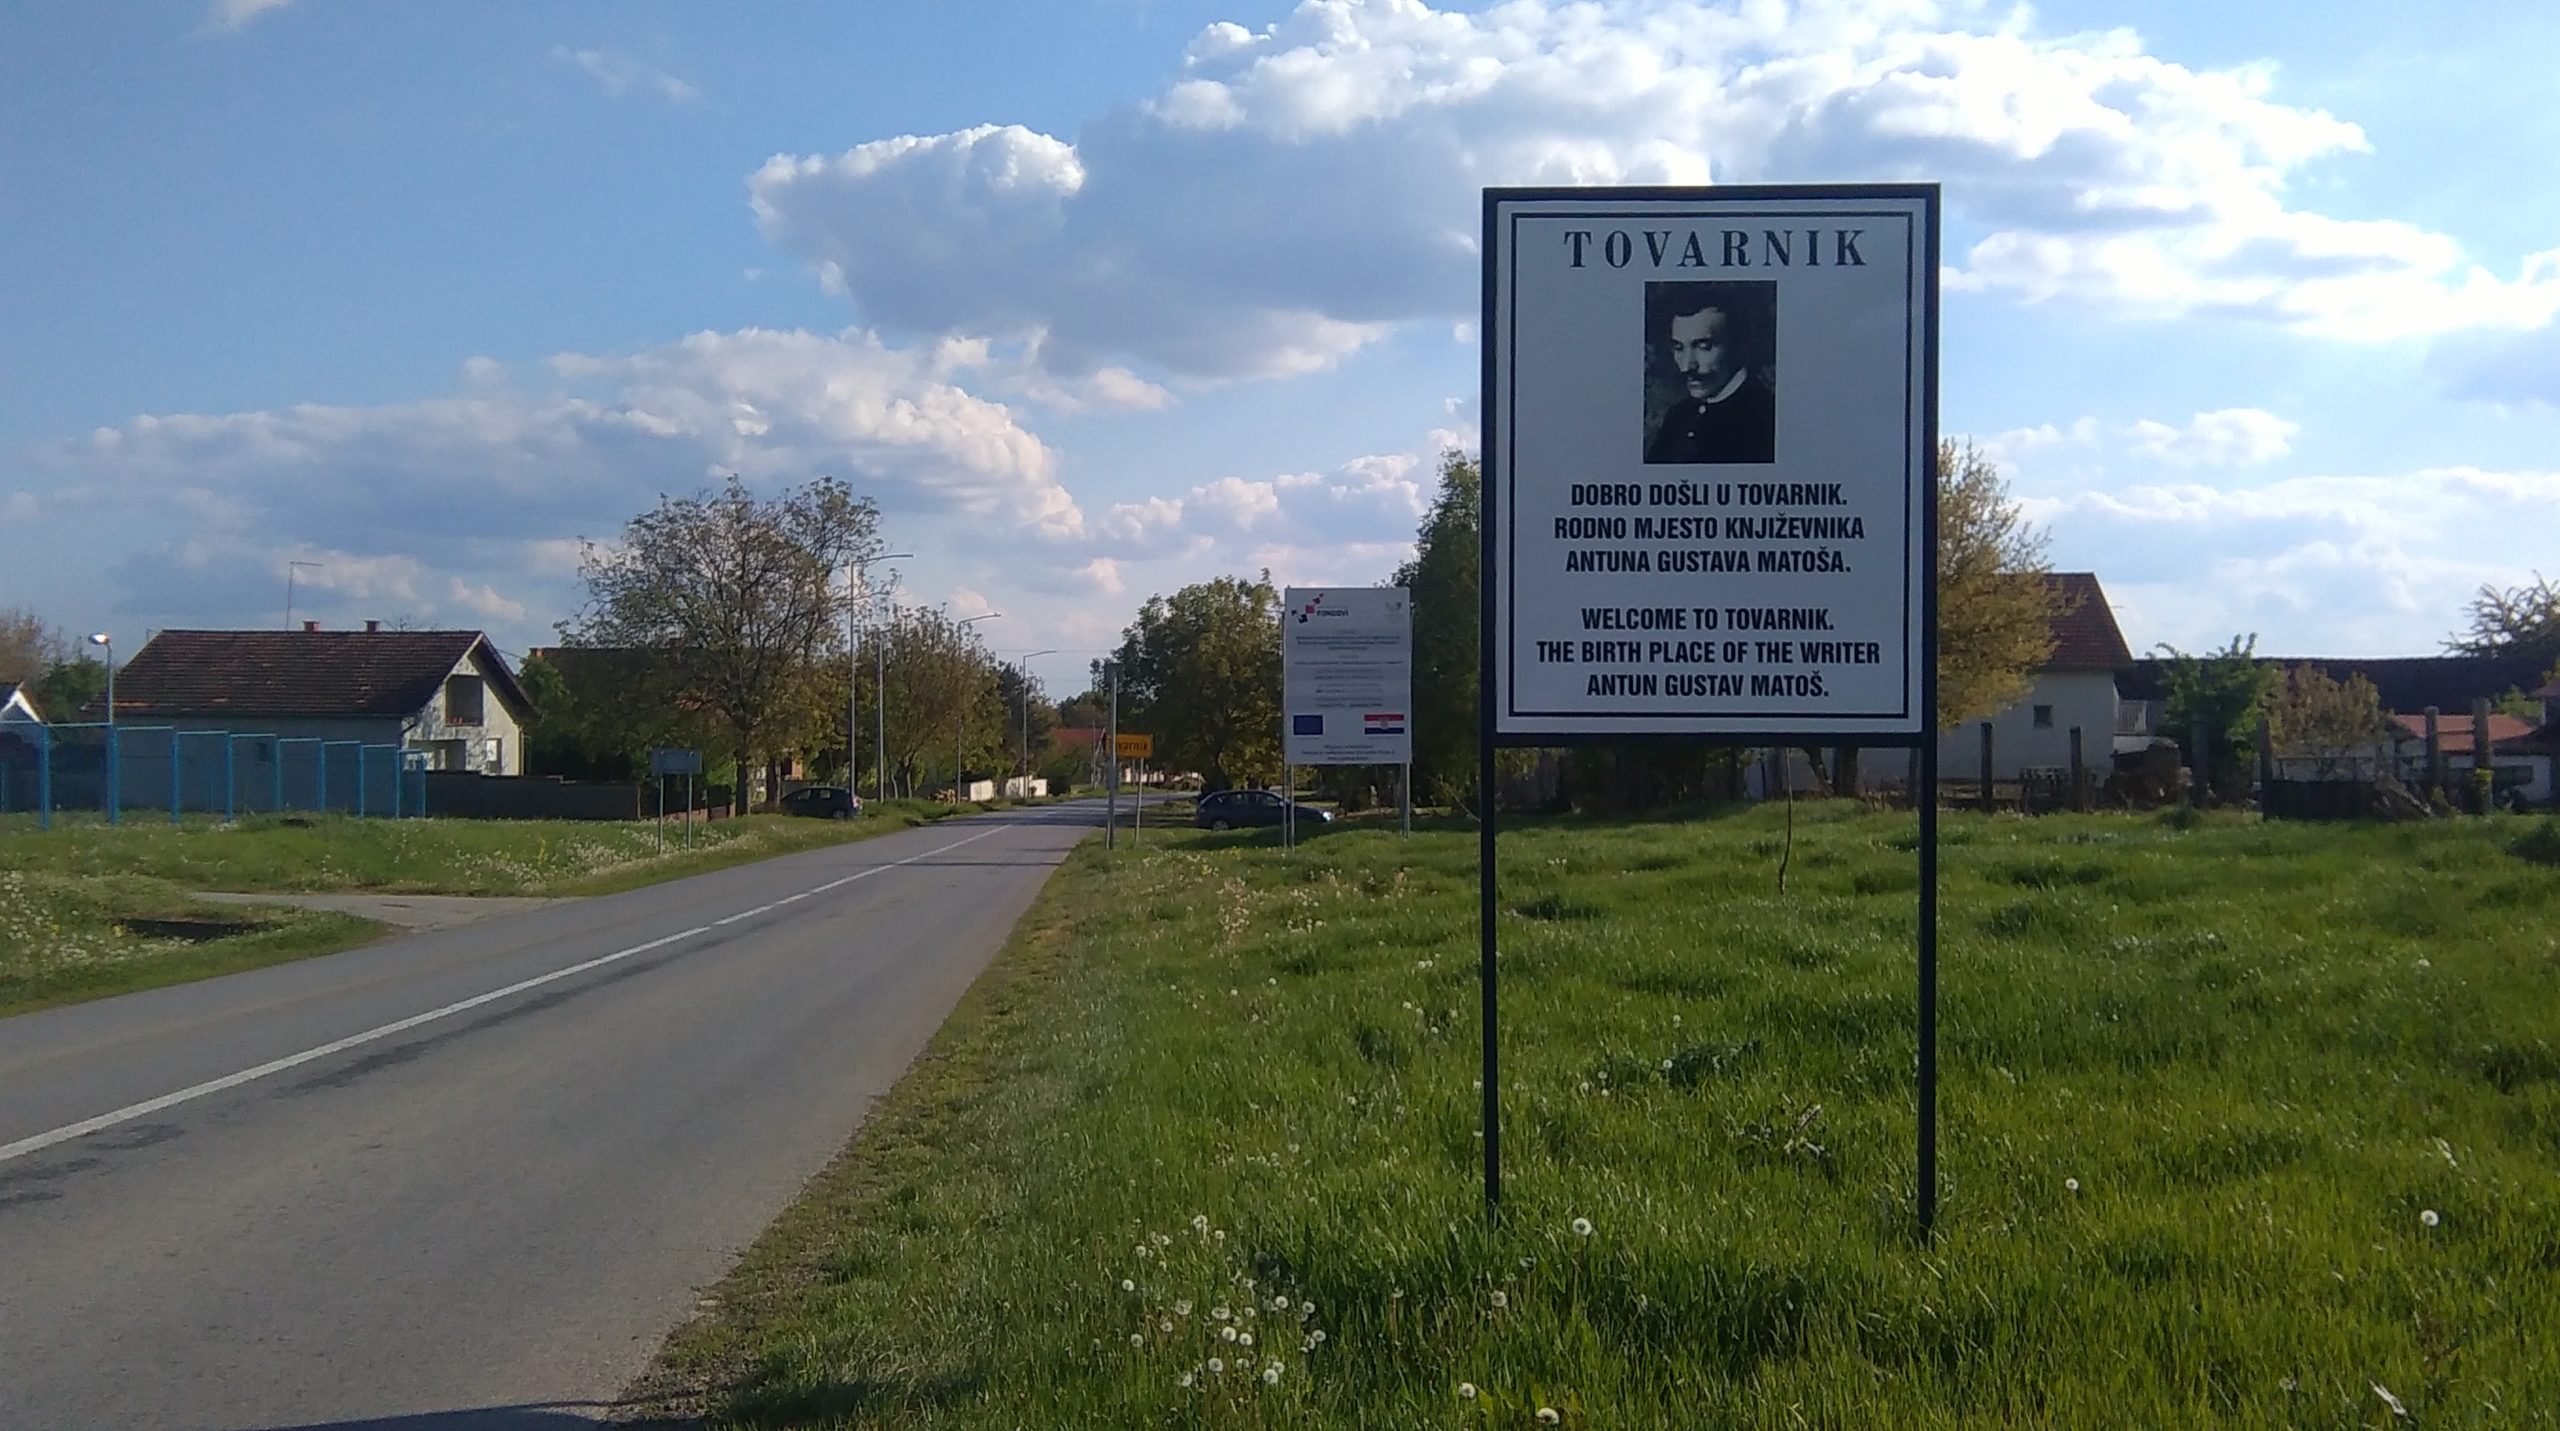 11. Festival dječje knjige na Zagreb Book Festivalu: Susret starih prijatelja